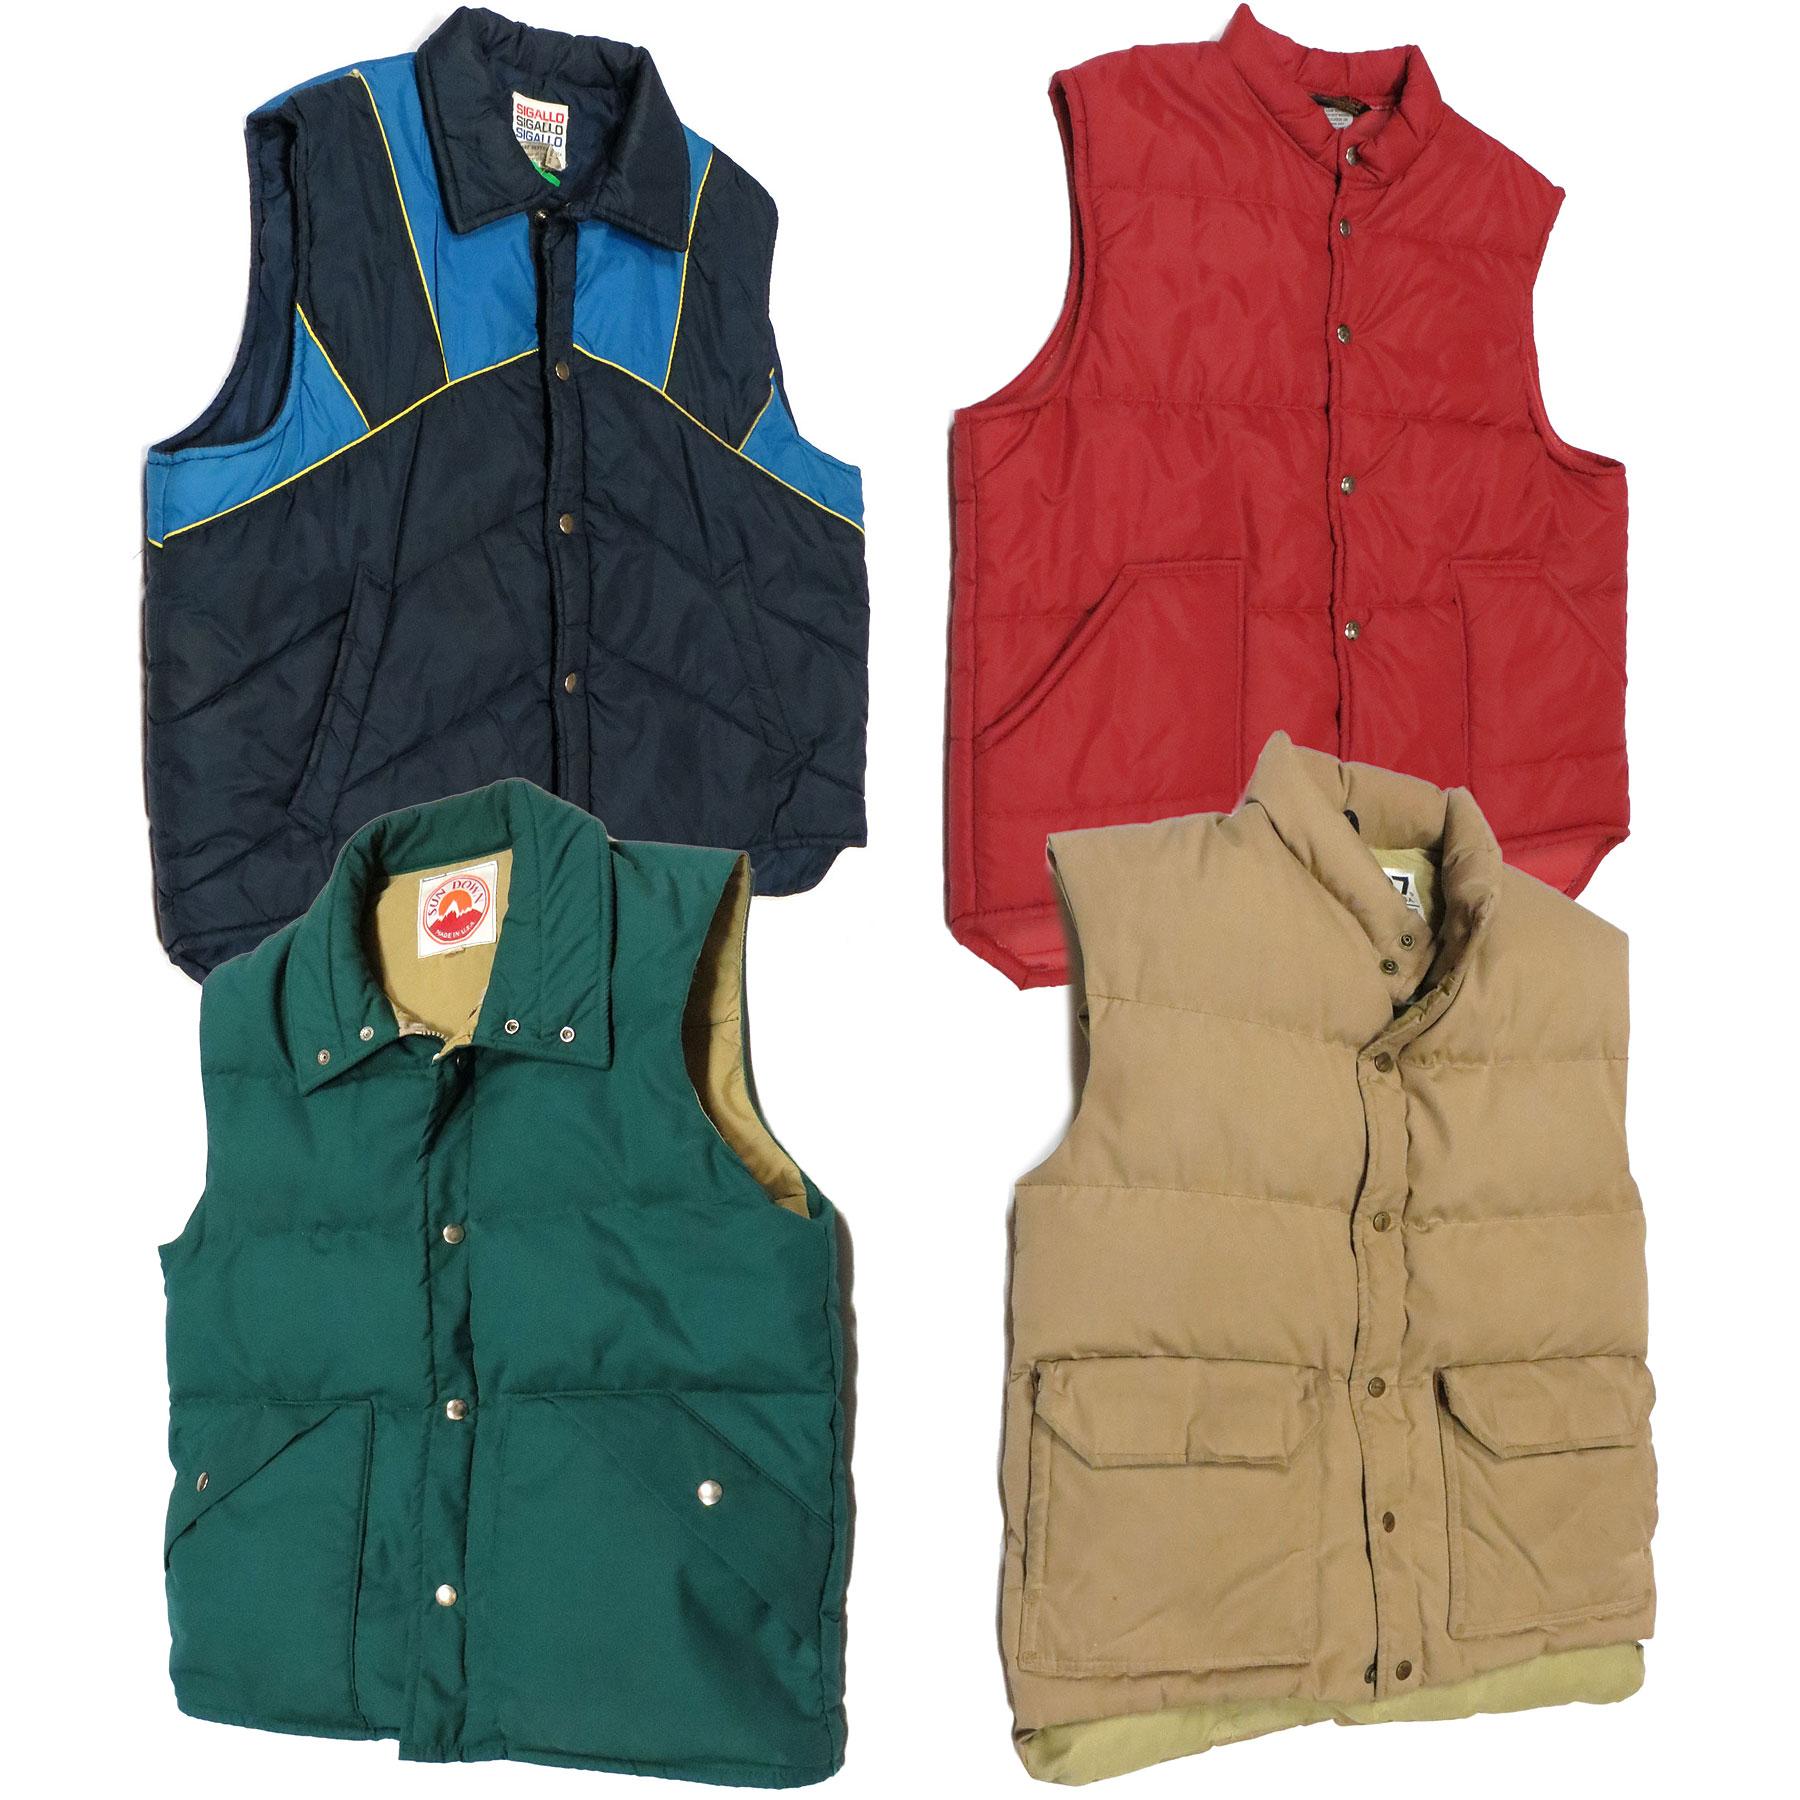 Vintage Puffer Vests